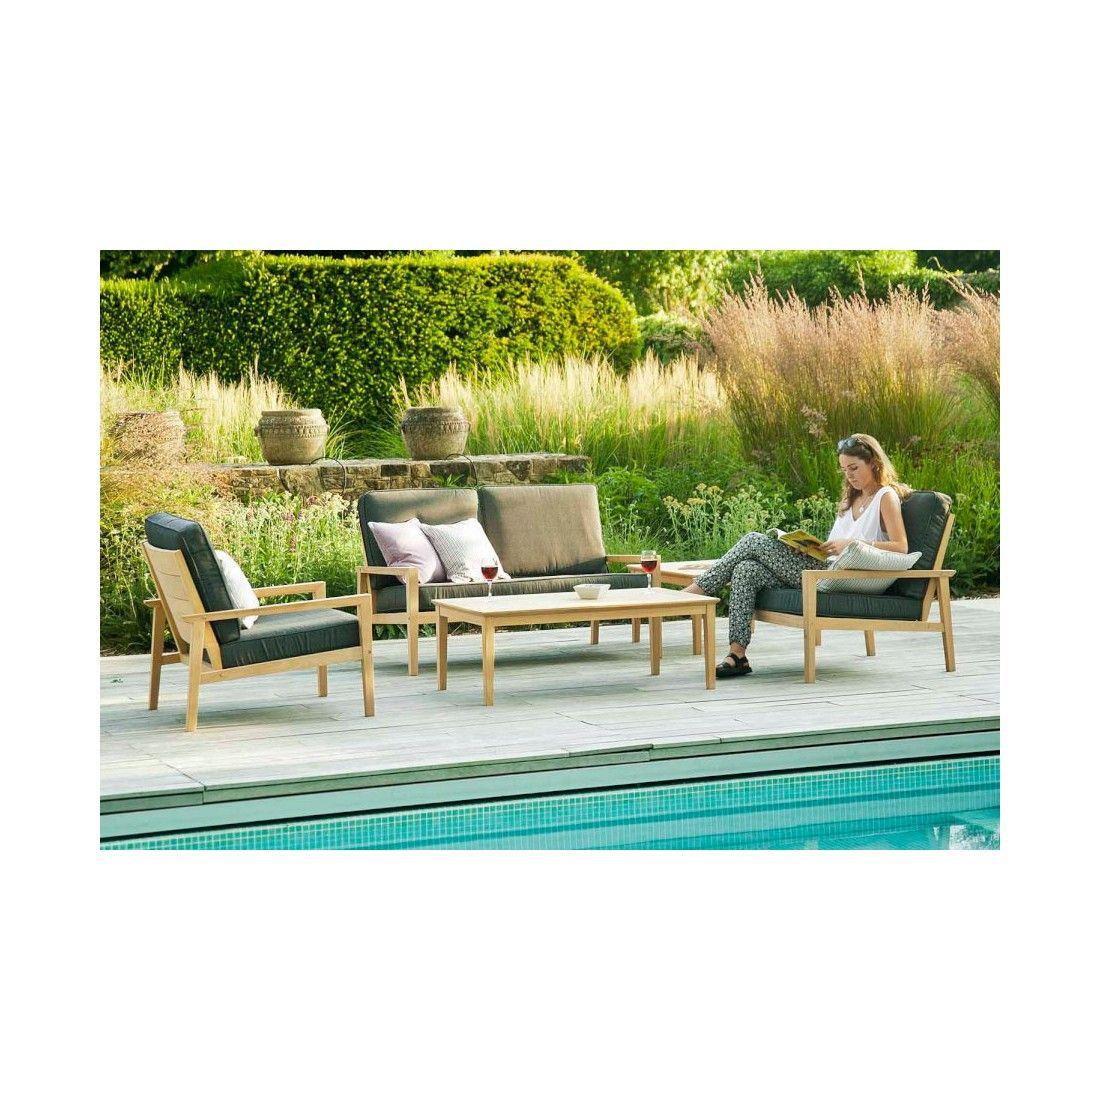 Fauteuil de salon de jardin en bois avec coussin gris foncé, haut de gamme